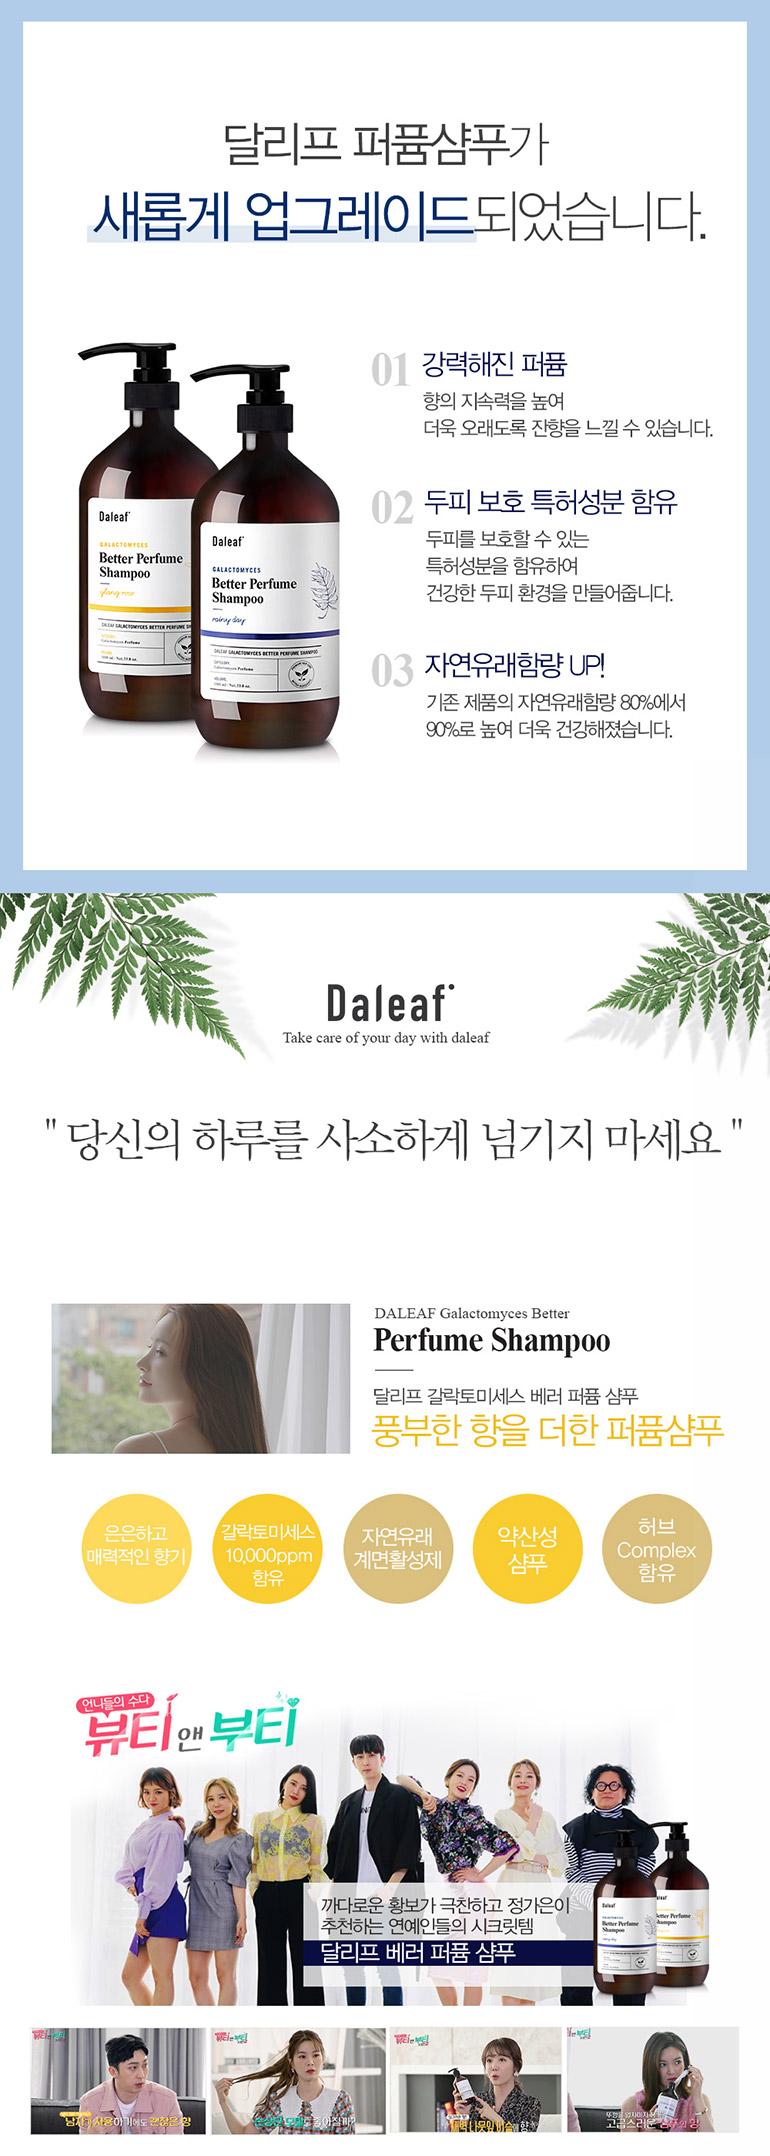 daleaf_perfume_shampoo_yrangrose_1000ml_01.jpg